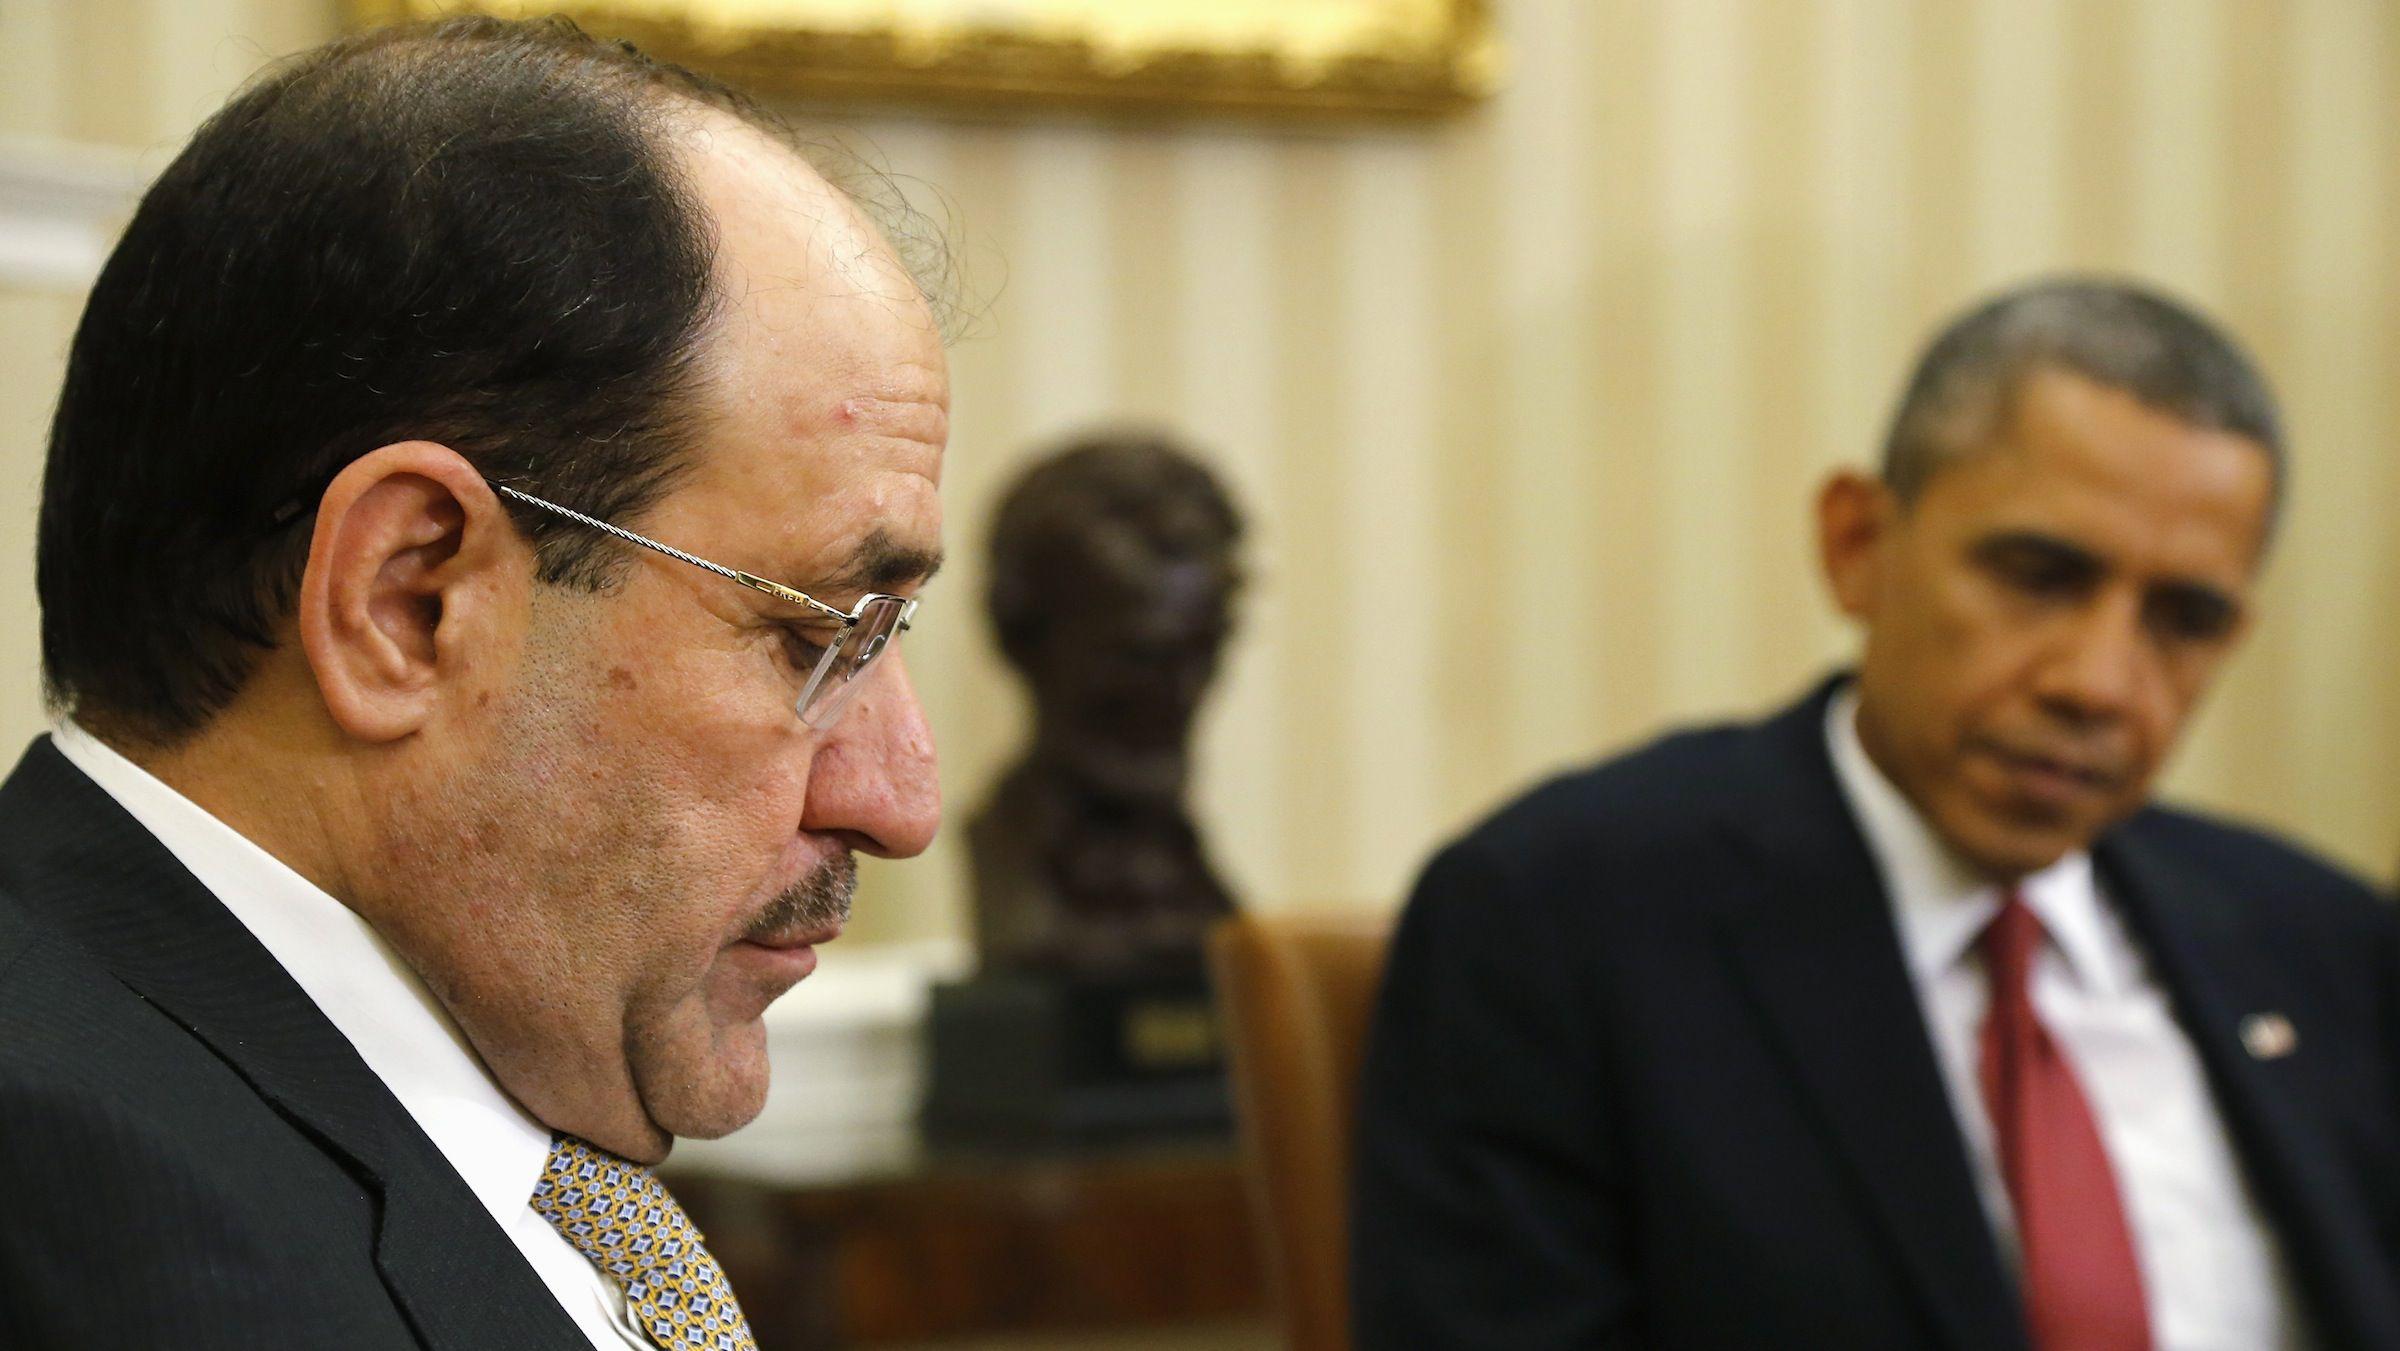 Barack Obama and Nuri al-Maliki